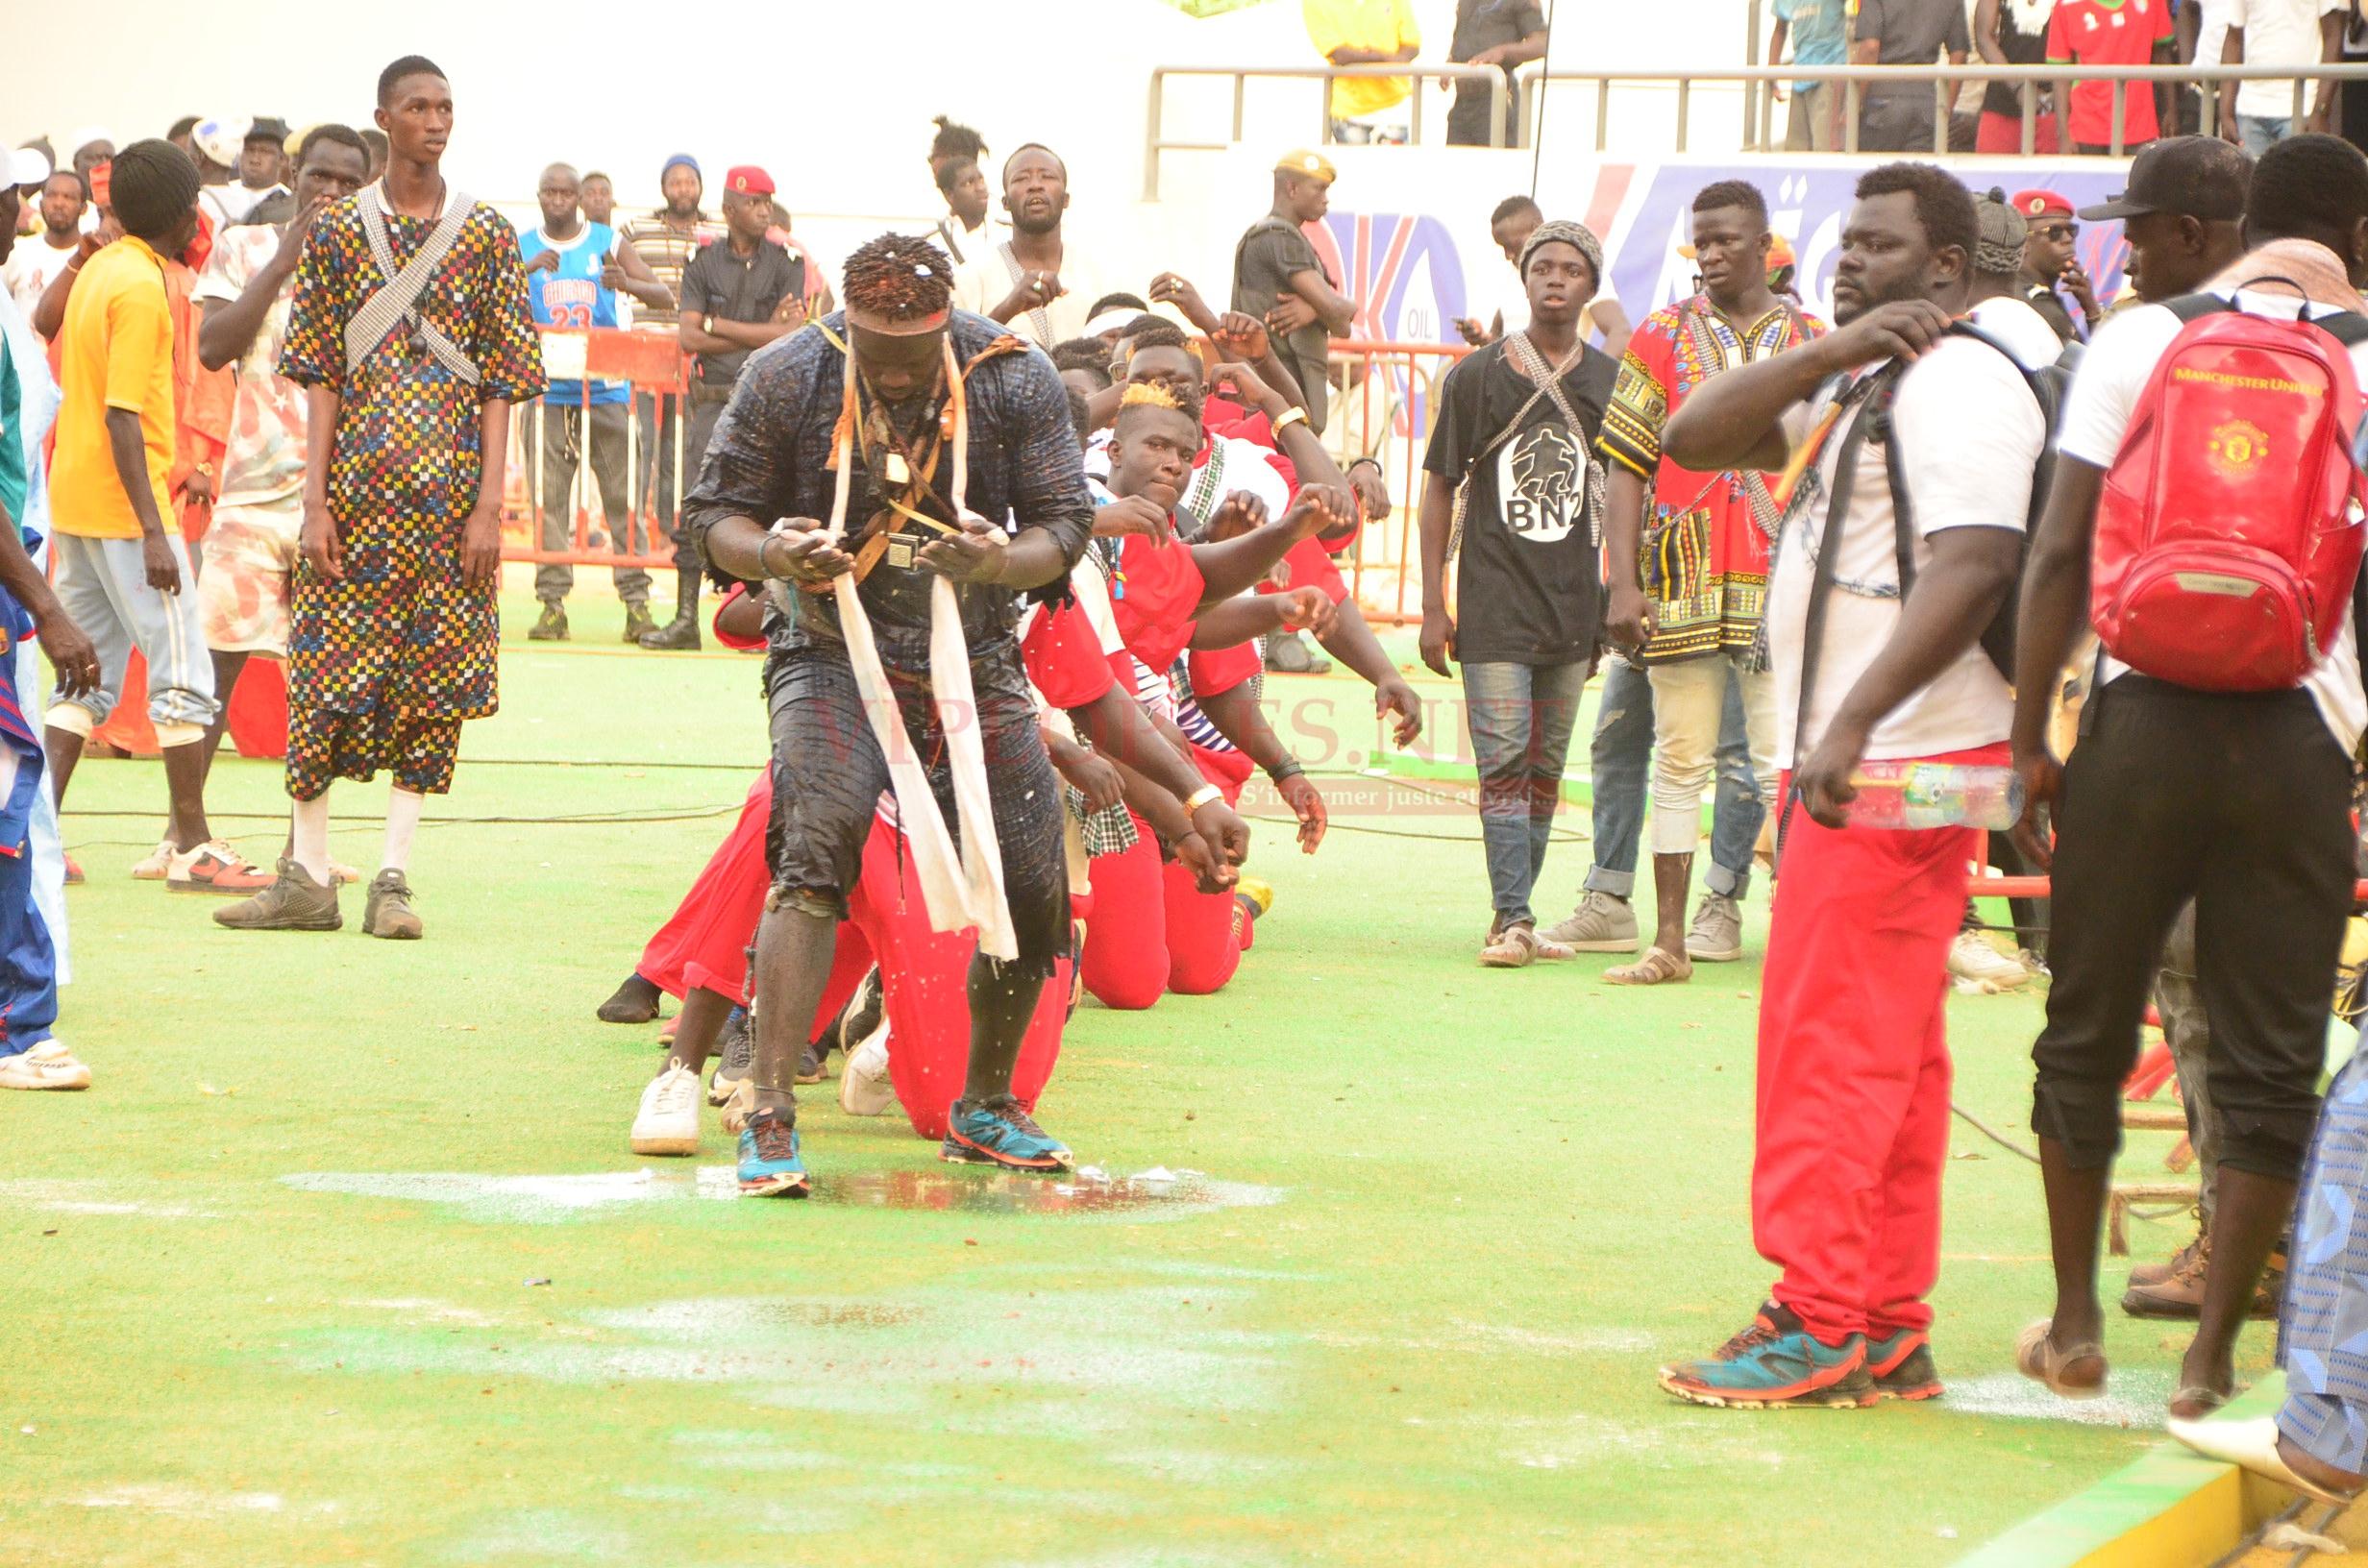 TOUSS DE BOY NIANG 2: L'intégralité des images à l'aréne national un combat Baye Ndiaye Al Bourakh Events